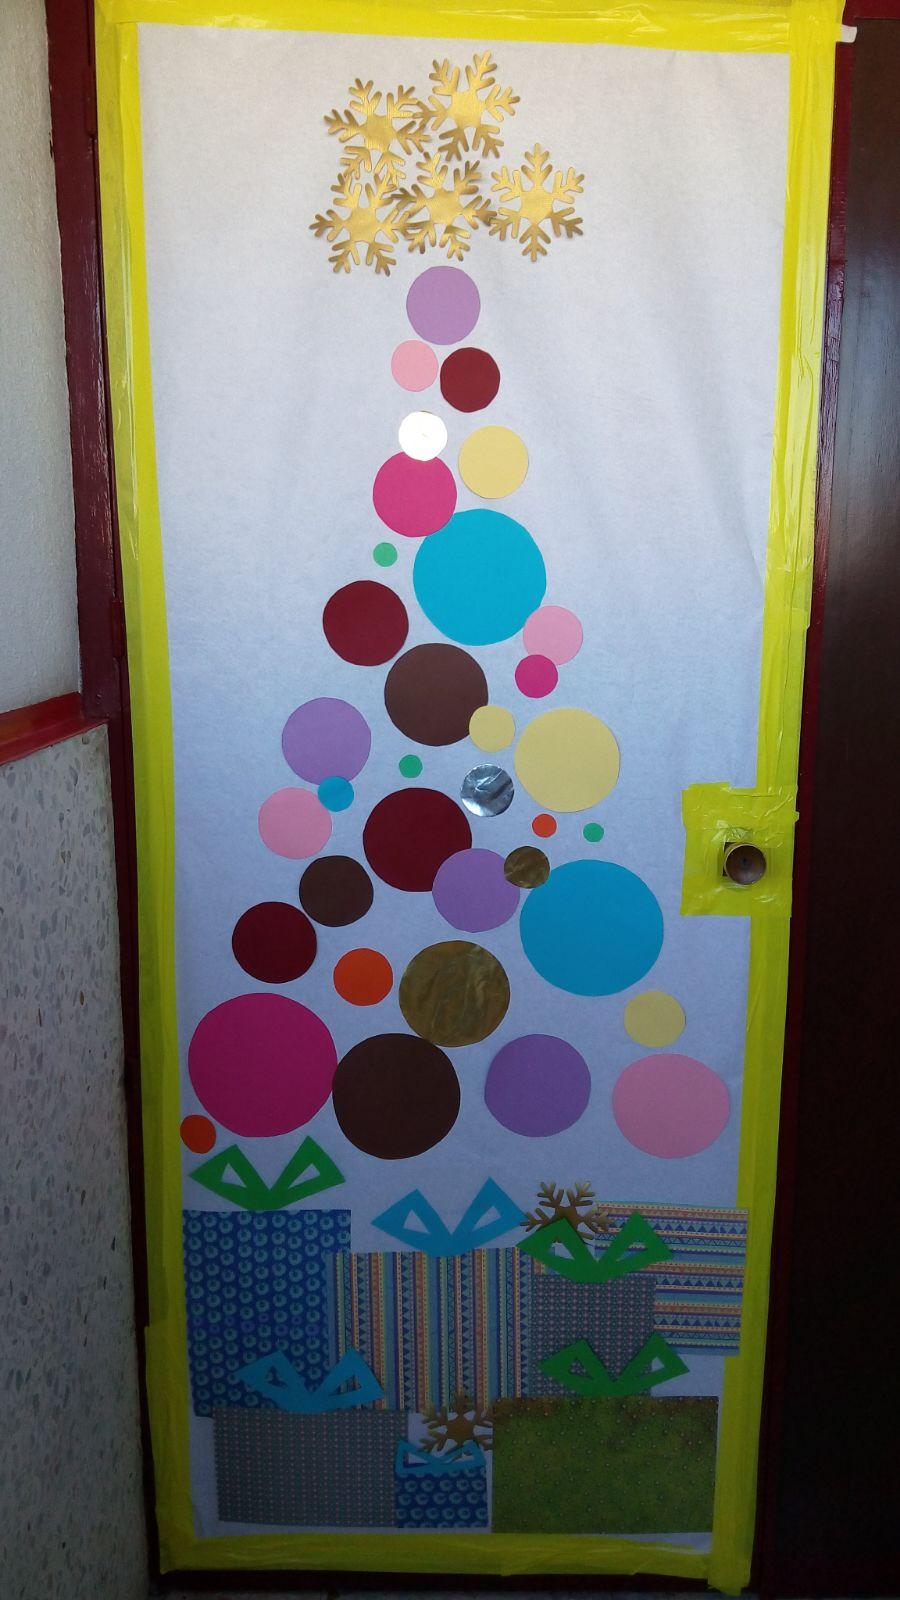 Blog colegio monteazahar decoraci n de navidad - Blog decoracion navidad ...